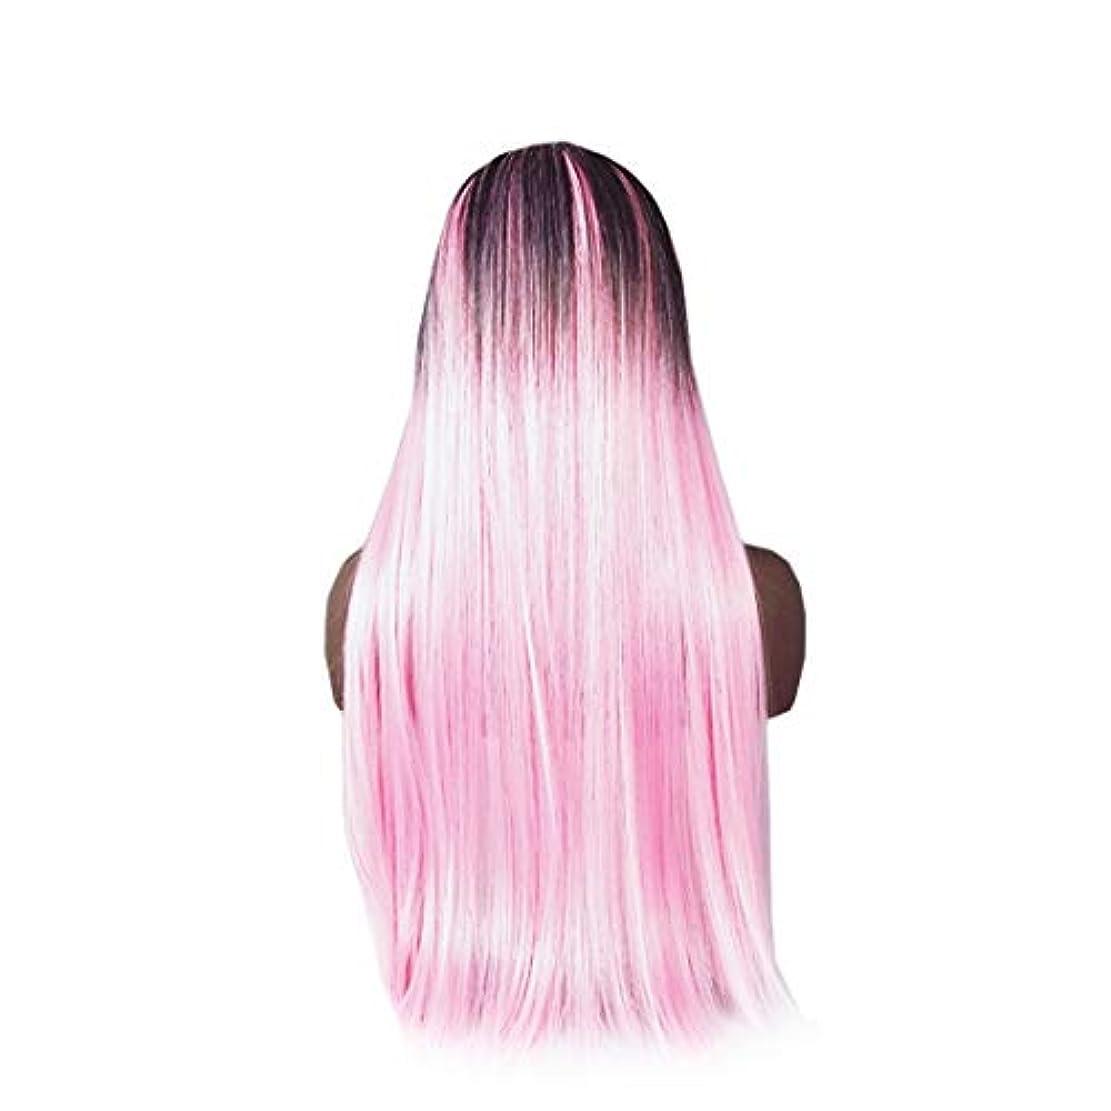 ほんの世代役員Koloeplf 合成ストレートストレートヘアウィッグカラーグラデーションフルウィッグ女性のための前髪付き耐熱ウィッグロングウィッグコスプレ/パーティー用 (Color : Pink)